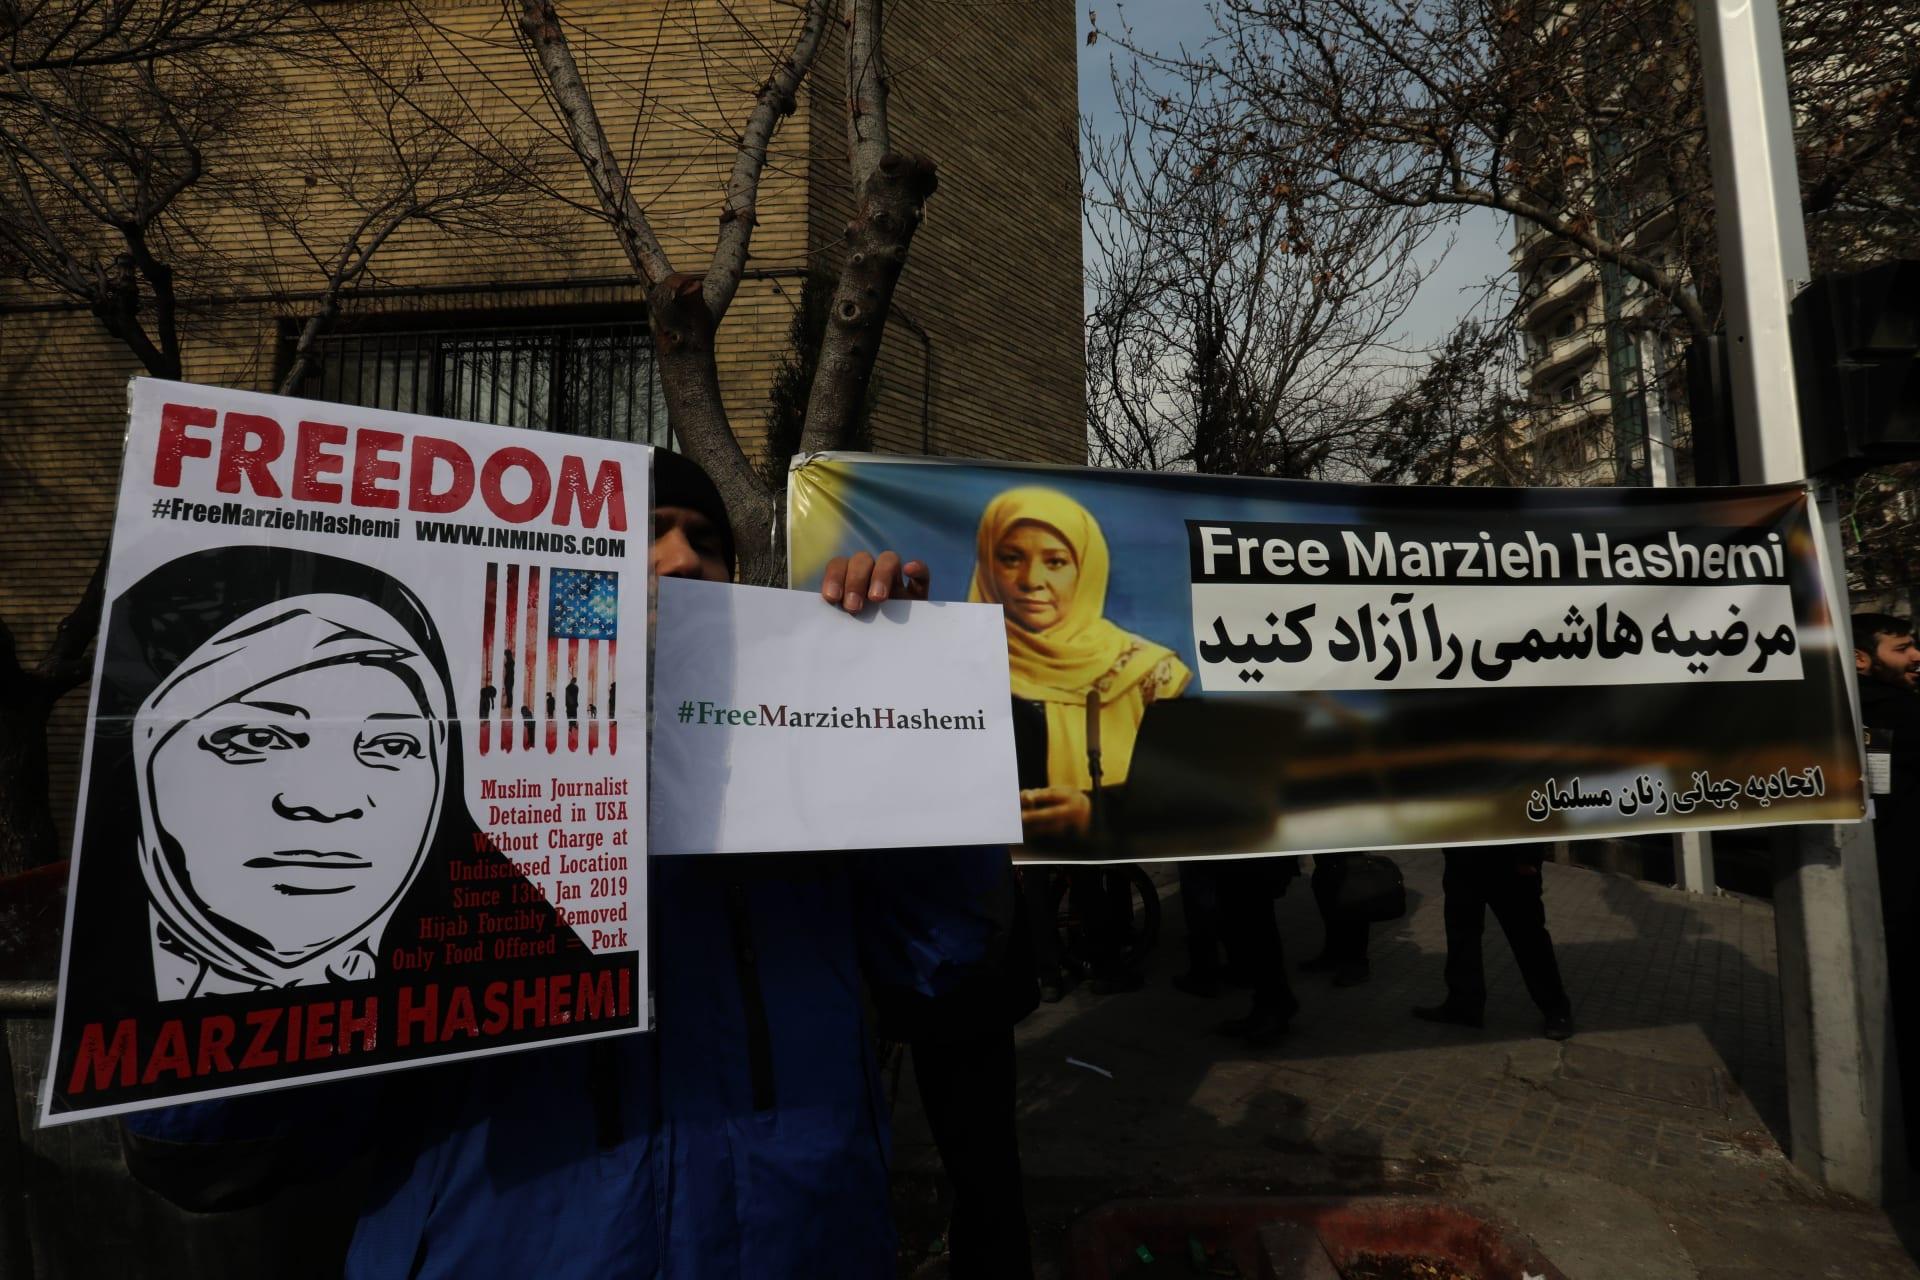 الإفراج عن الصحفية الإيرانية مرضية هاشمي بعد احتجازها في أمريكا